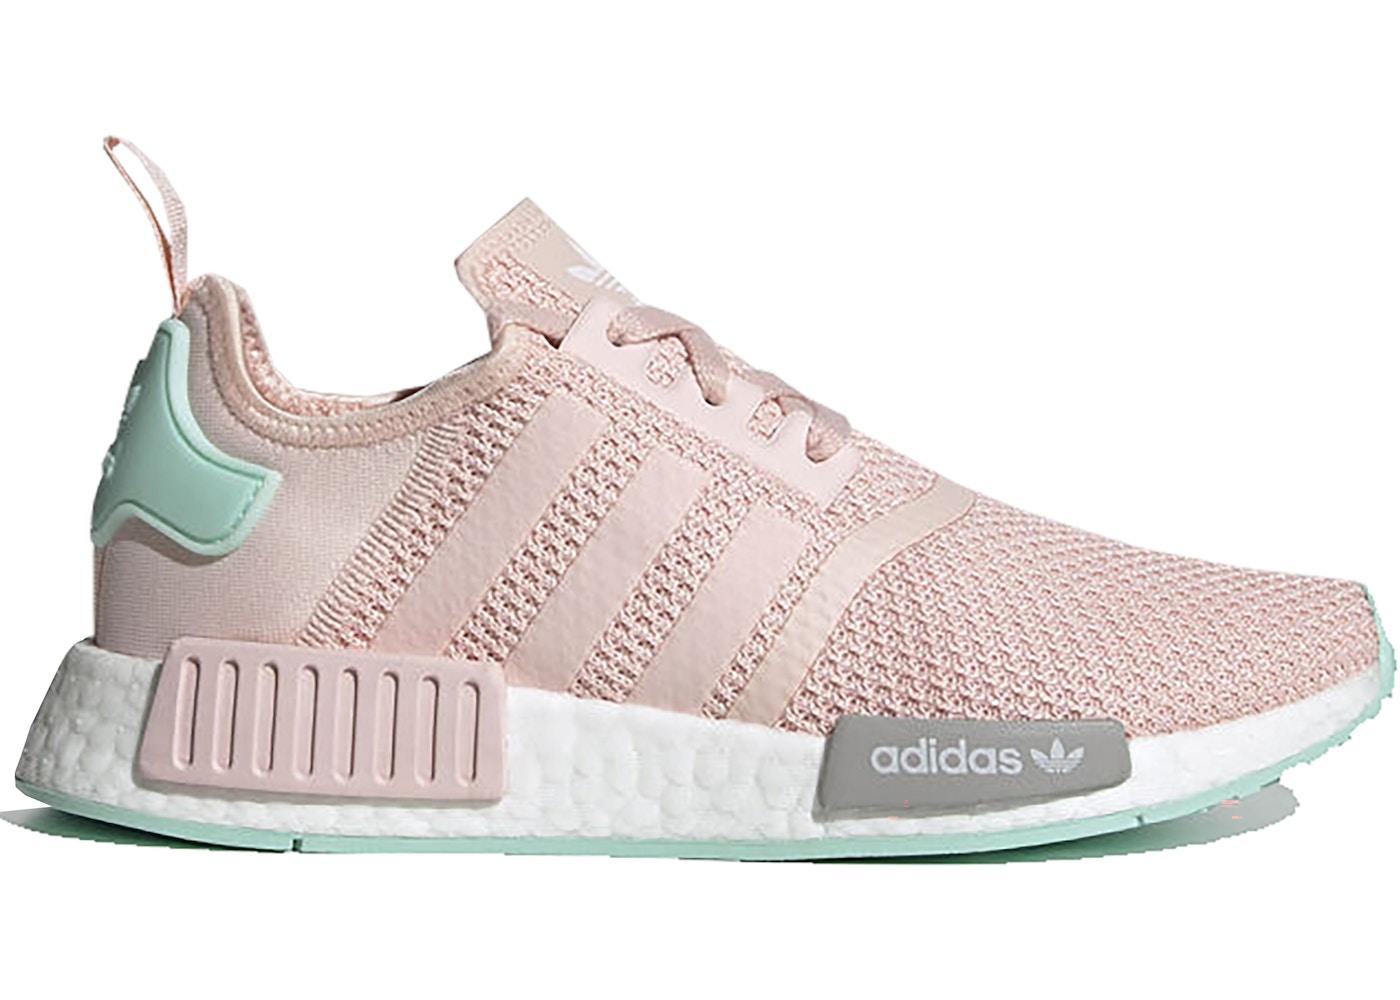 Adidas Nmd R1 Pink Grey Mint W Fx7198